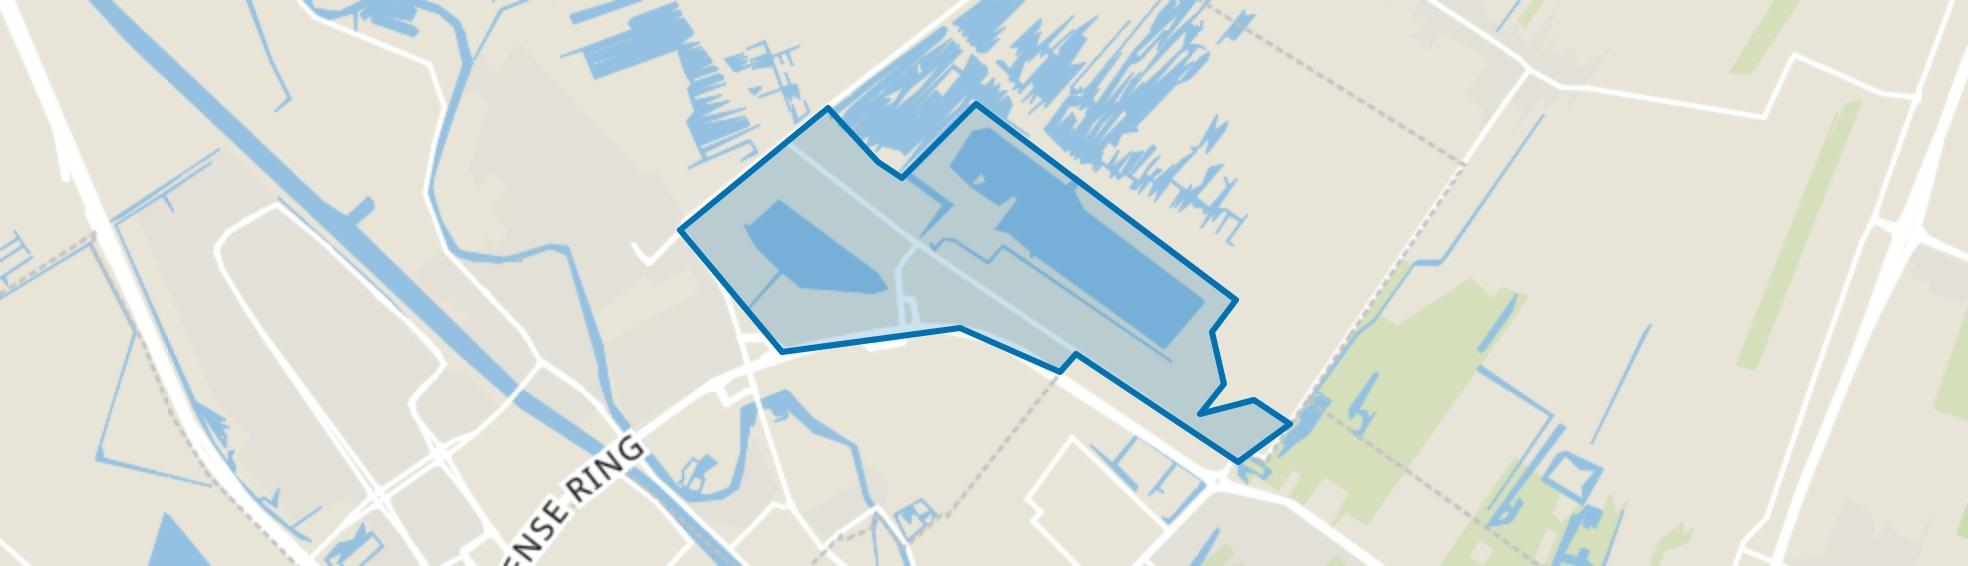 Maarsseveen, Maarssen map